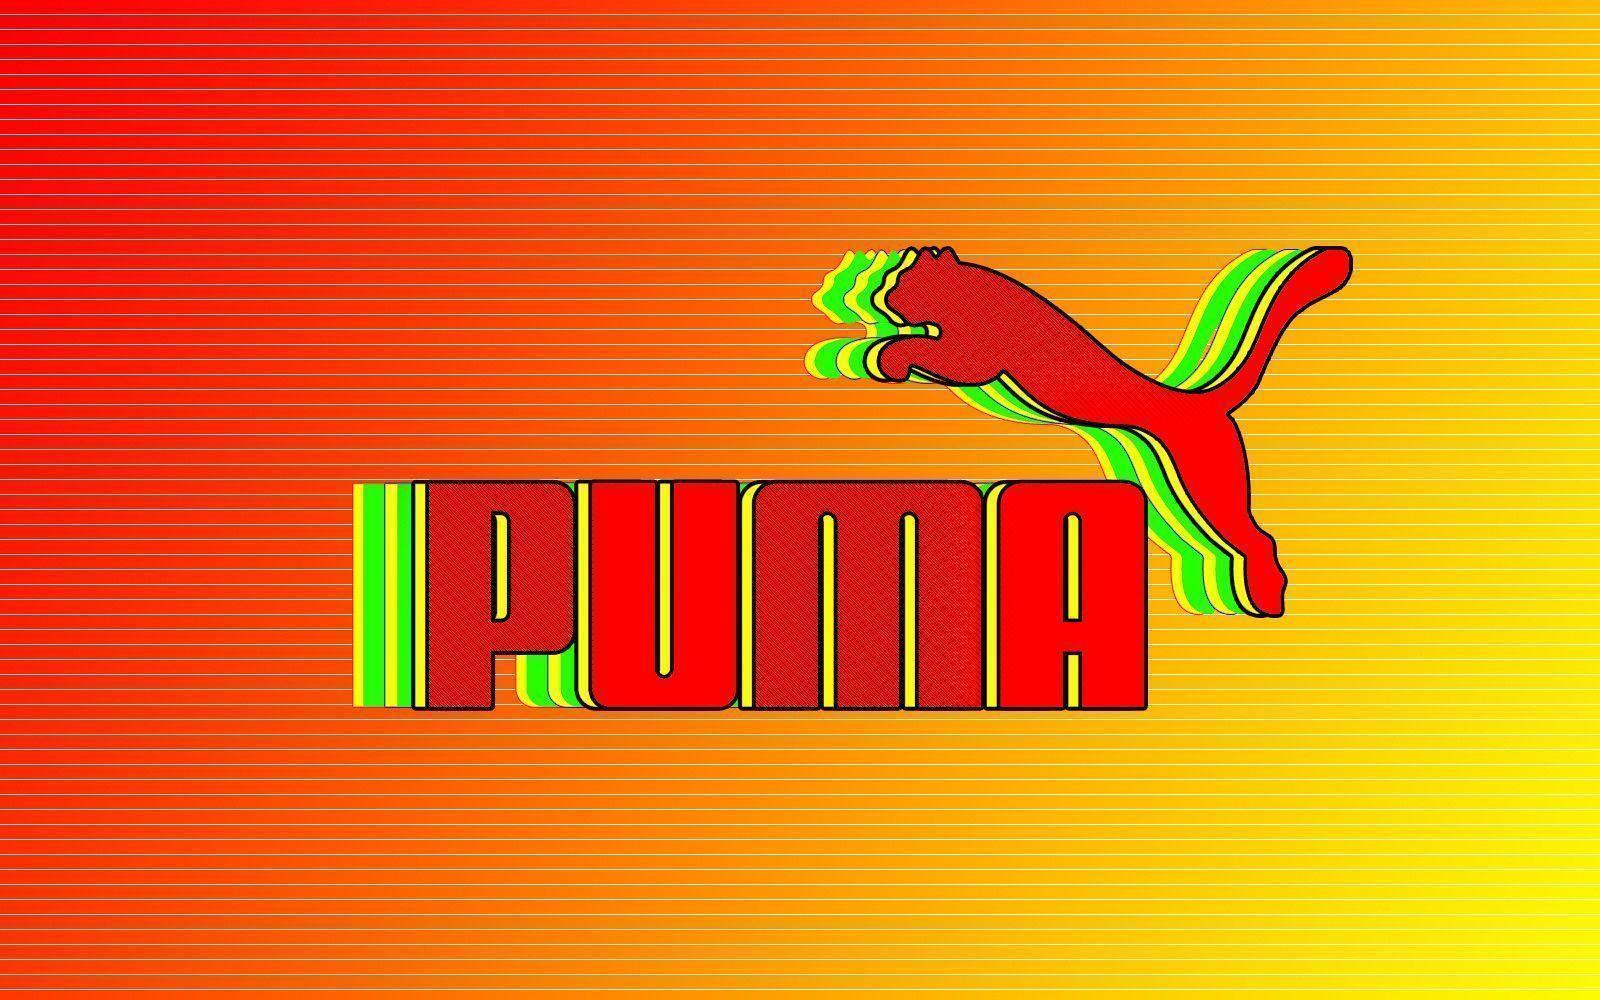 Puma Logo Wallpapers - Wallpaper Cave